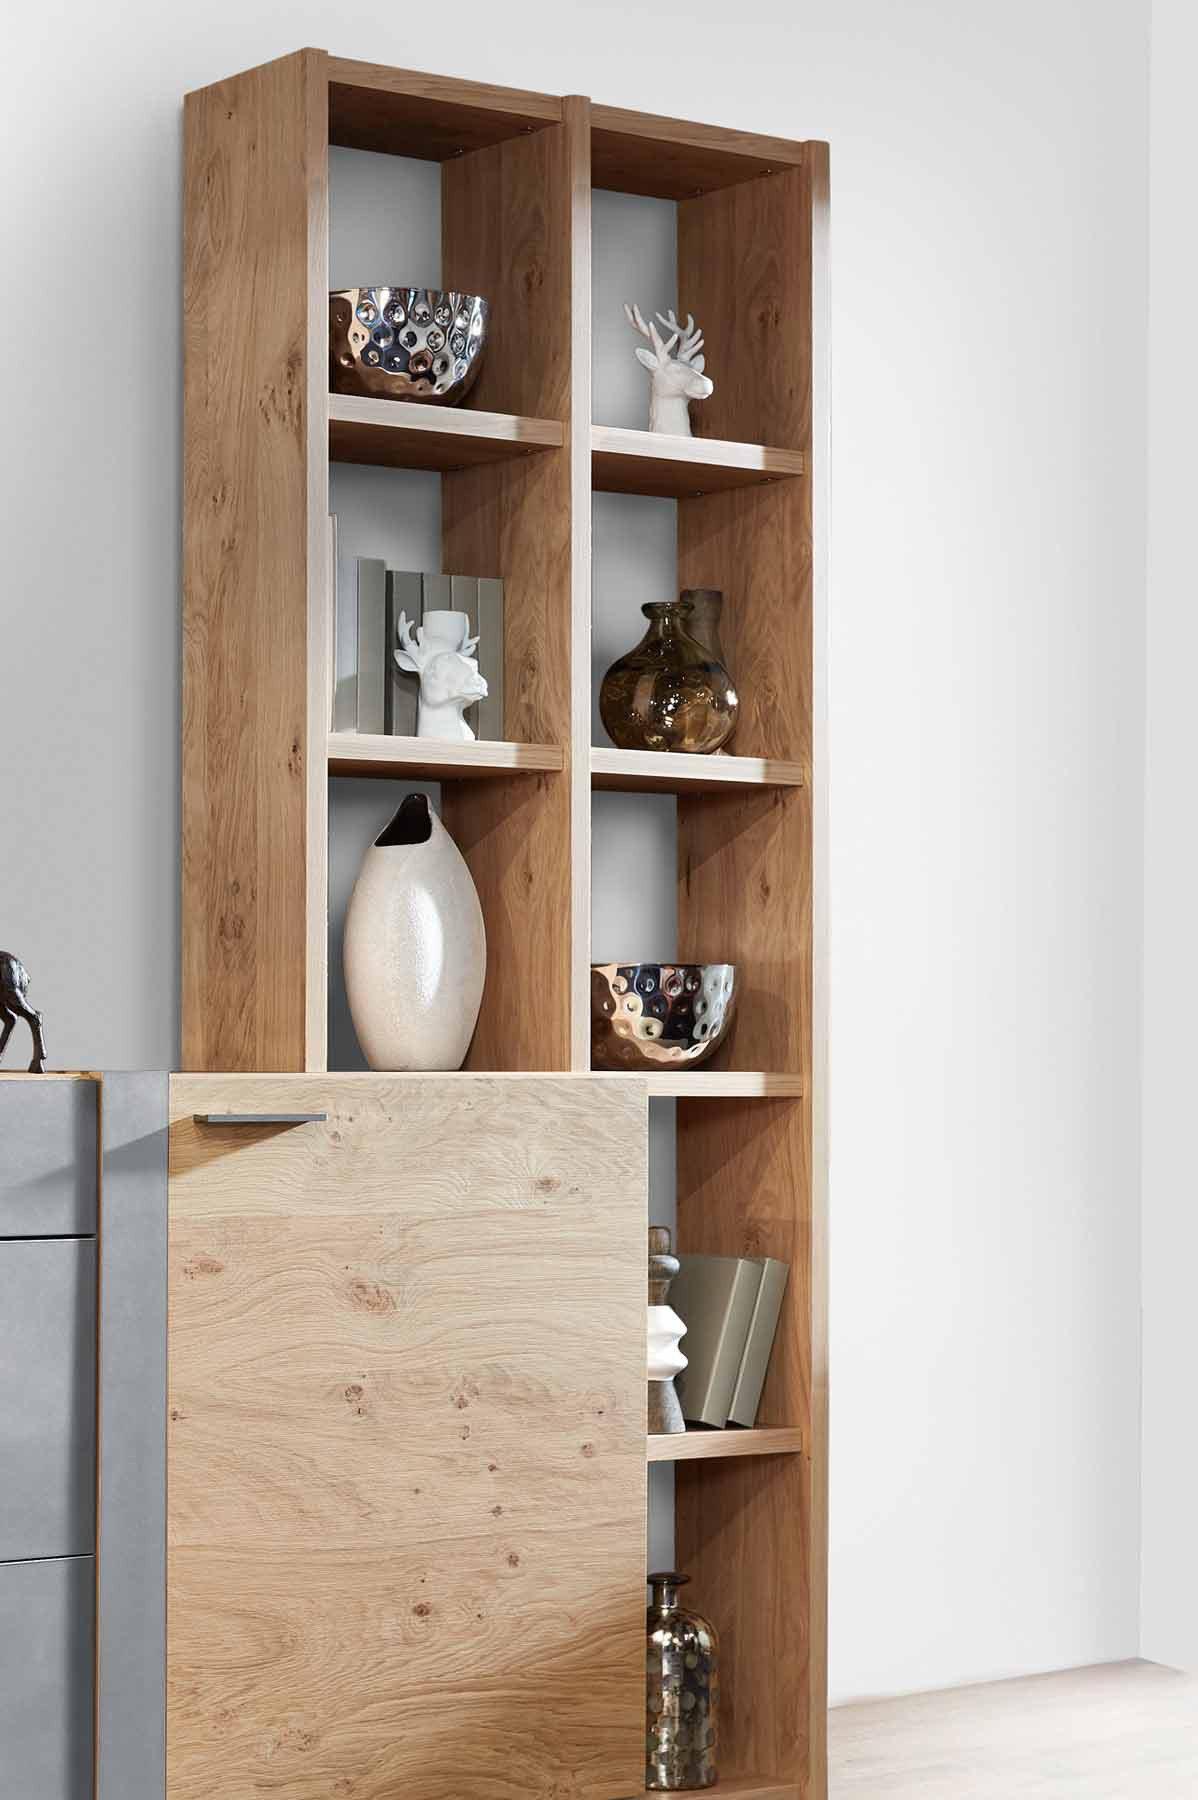 schr der m bel sideboard alpin wildasteiche aluminium m bel letz ihr online shop. Black Bedroom Furniture Sets. Home Design Ideas